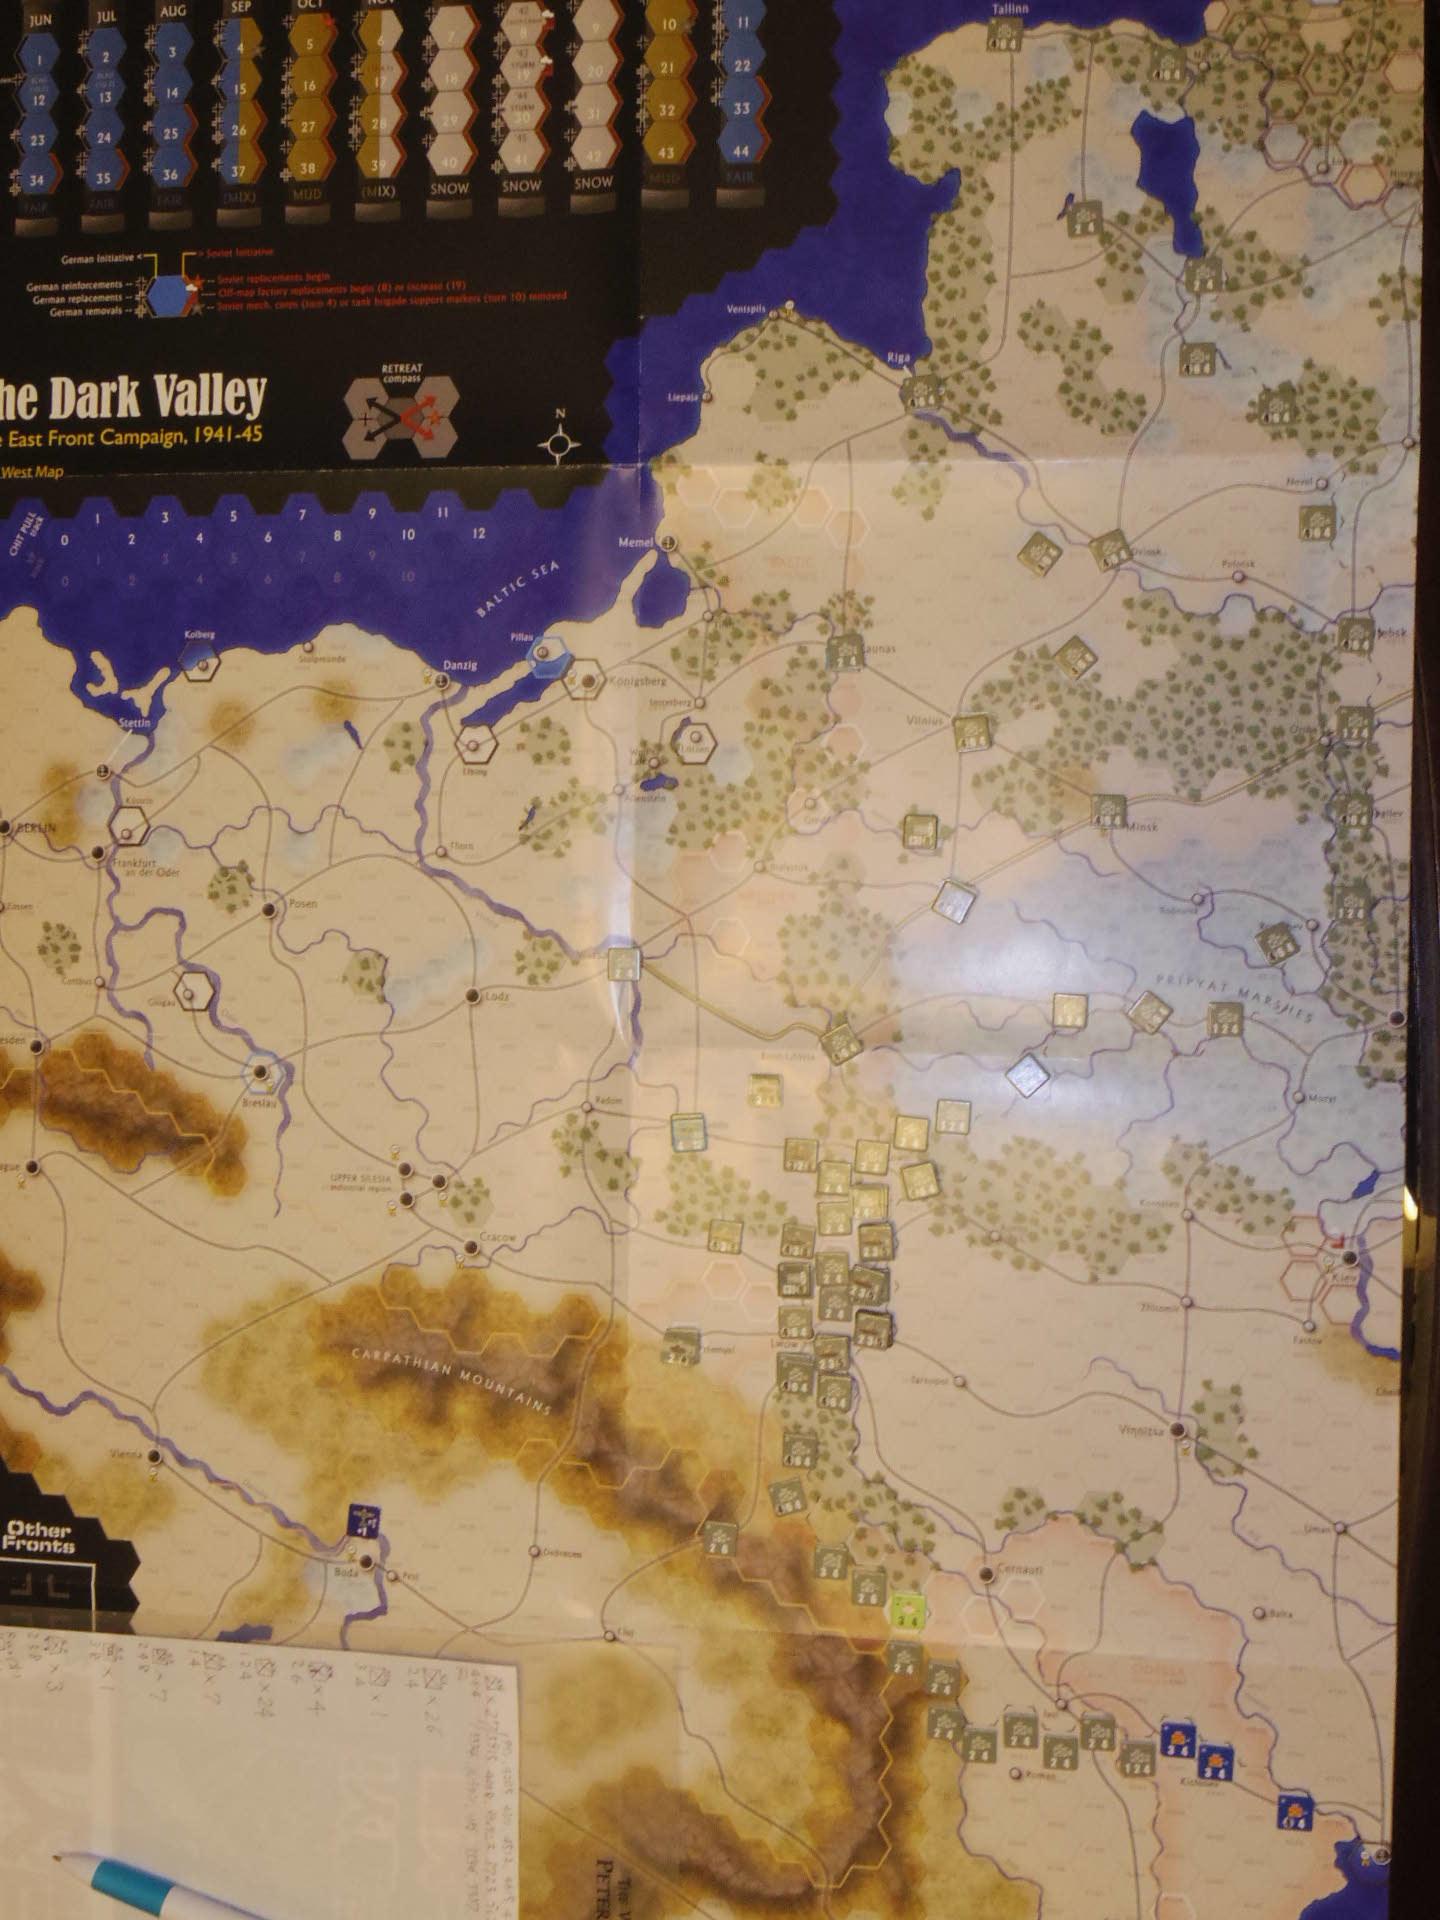 2年振りの再戦に備えて着々と準備は進む...(GMT)The Dark Valley  ダーク・ヴァレー 「バグラチオン:1944シナリオ」_b0173672_20581941.jpg